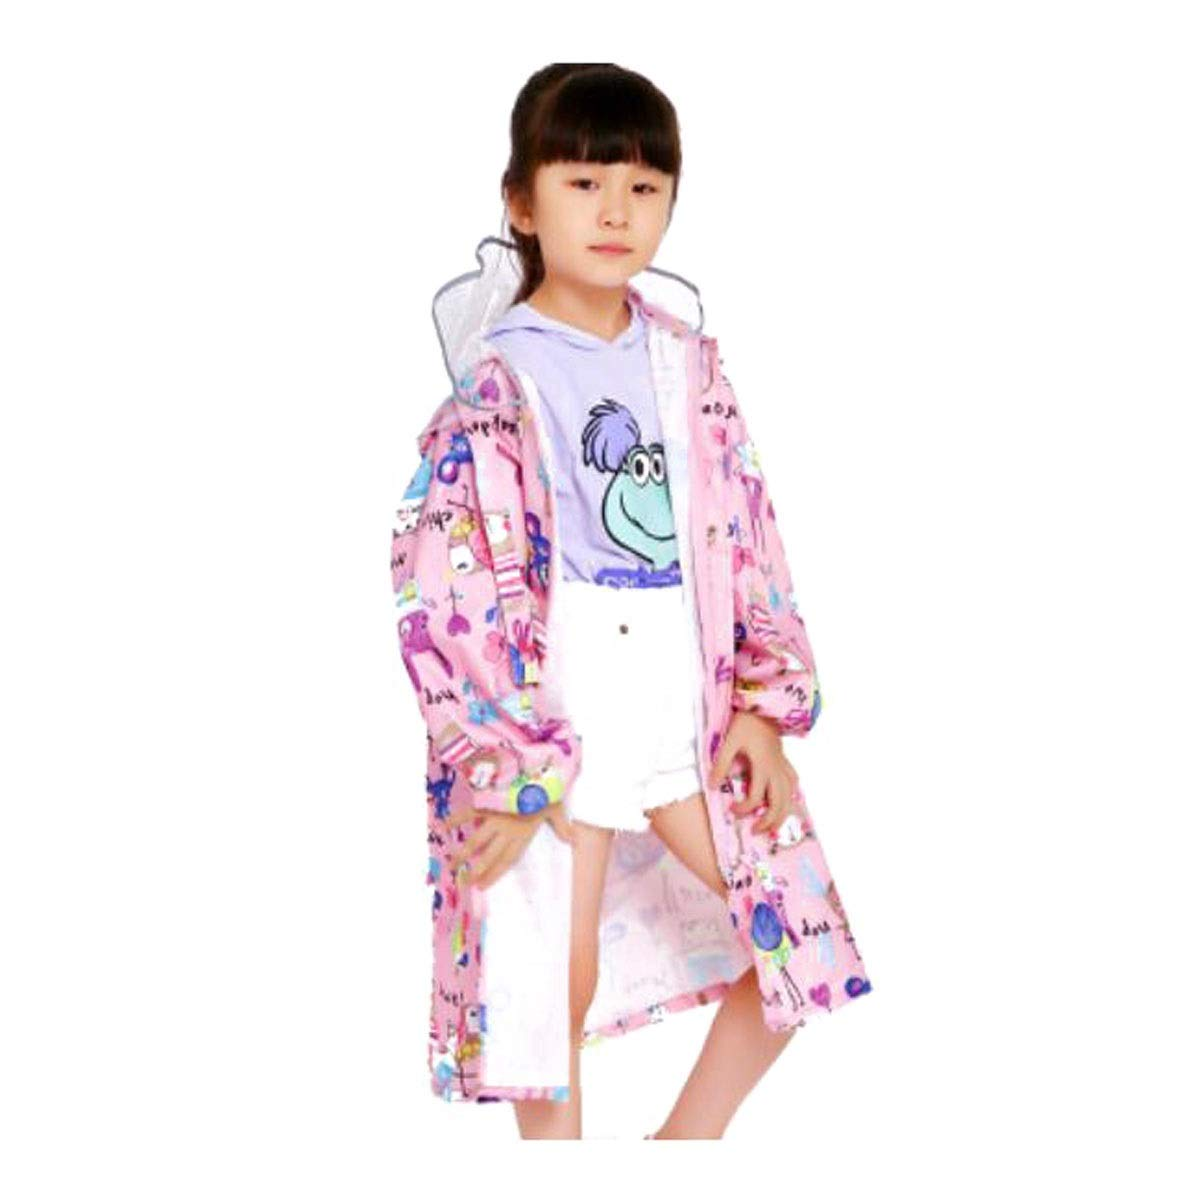 Doppelm/ütze Pink Sch/ülerinnen und Sch/üler der Grundschule Orange wasserdichter Poncho mit Taschenposition Oxford-Tuch Blau XXL faltbar CHUJIAN Regenmantel leicht zu tragen